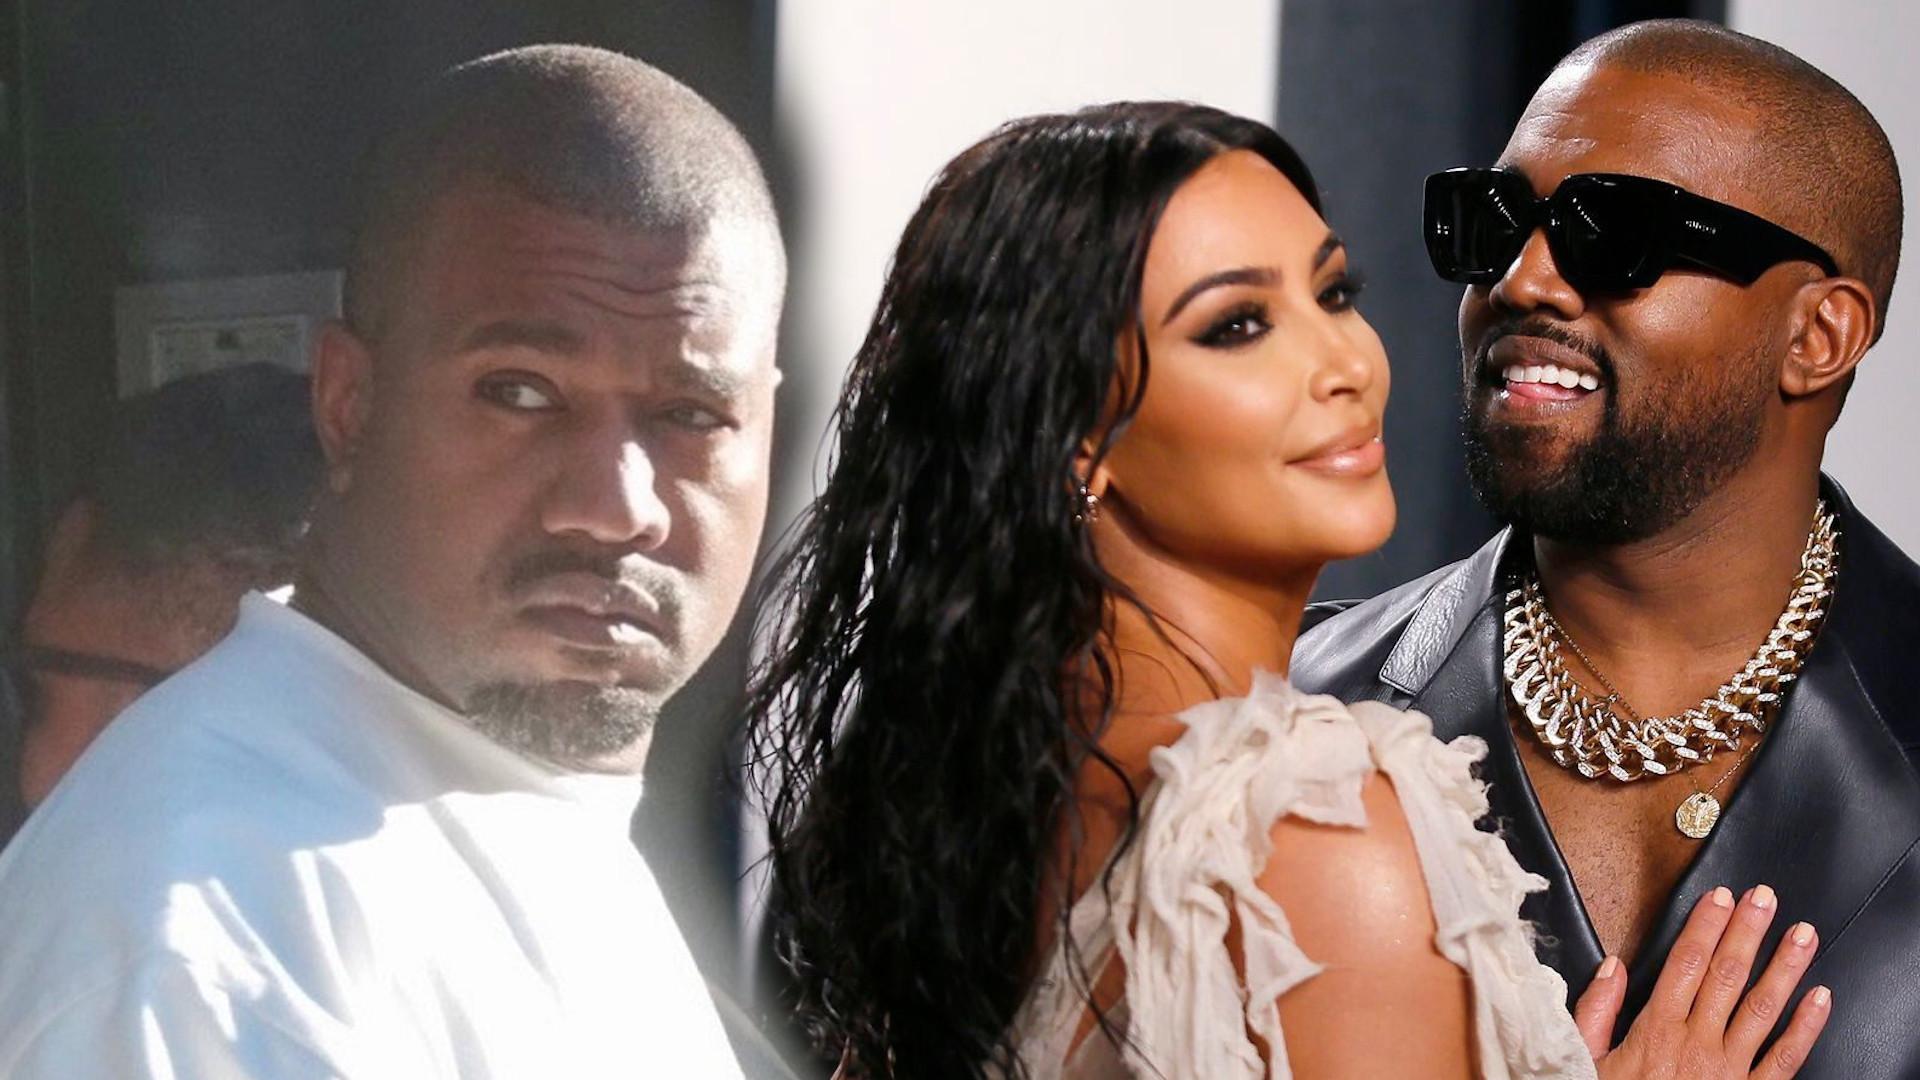 Będzie film dokumentalny o Kanye Weście!